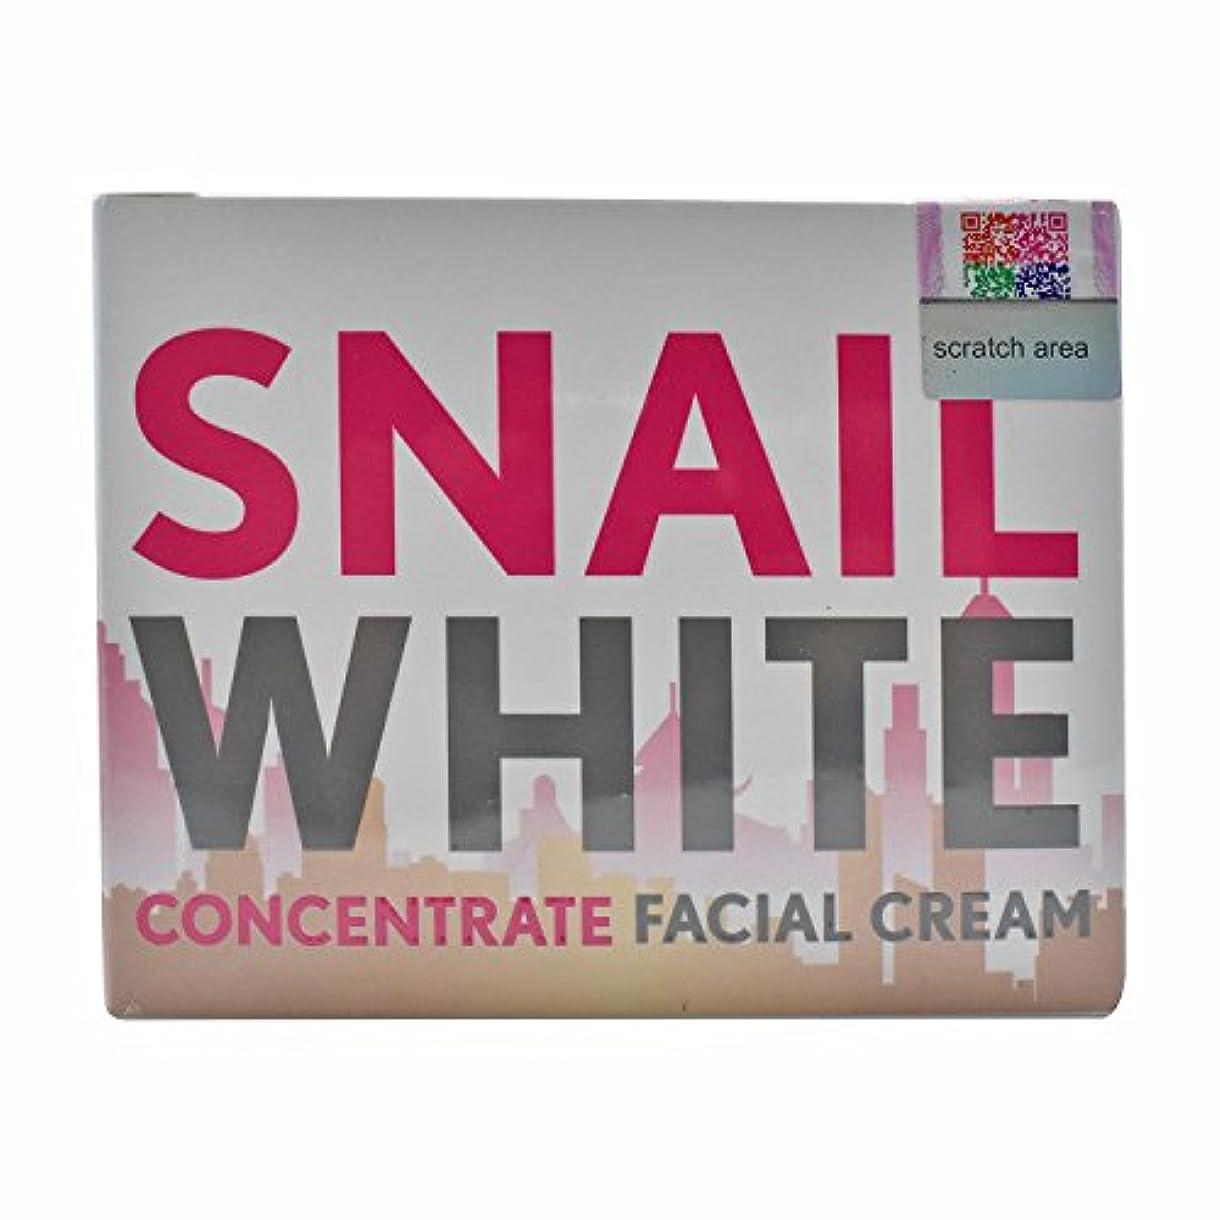 シビックドラゴンシェフフェイシャルクリーム50 ml。 ホワイトニング NAMU LIFE SNAILWHITE CONCENTRATE FACIAL CREAM 50 ml.